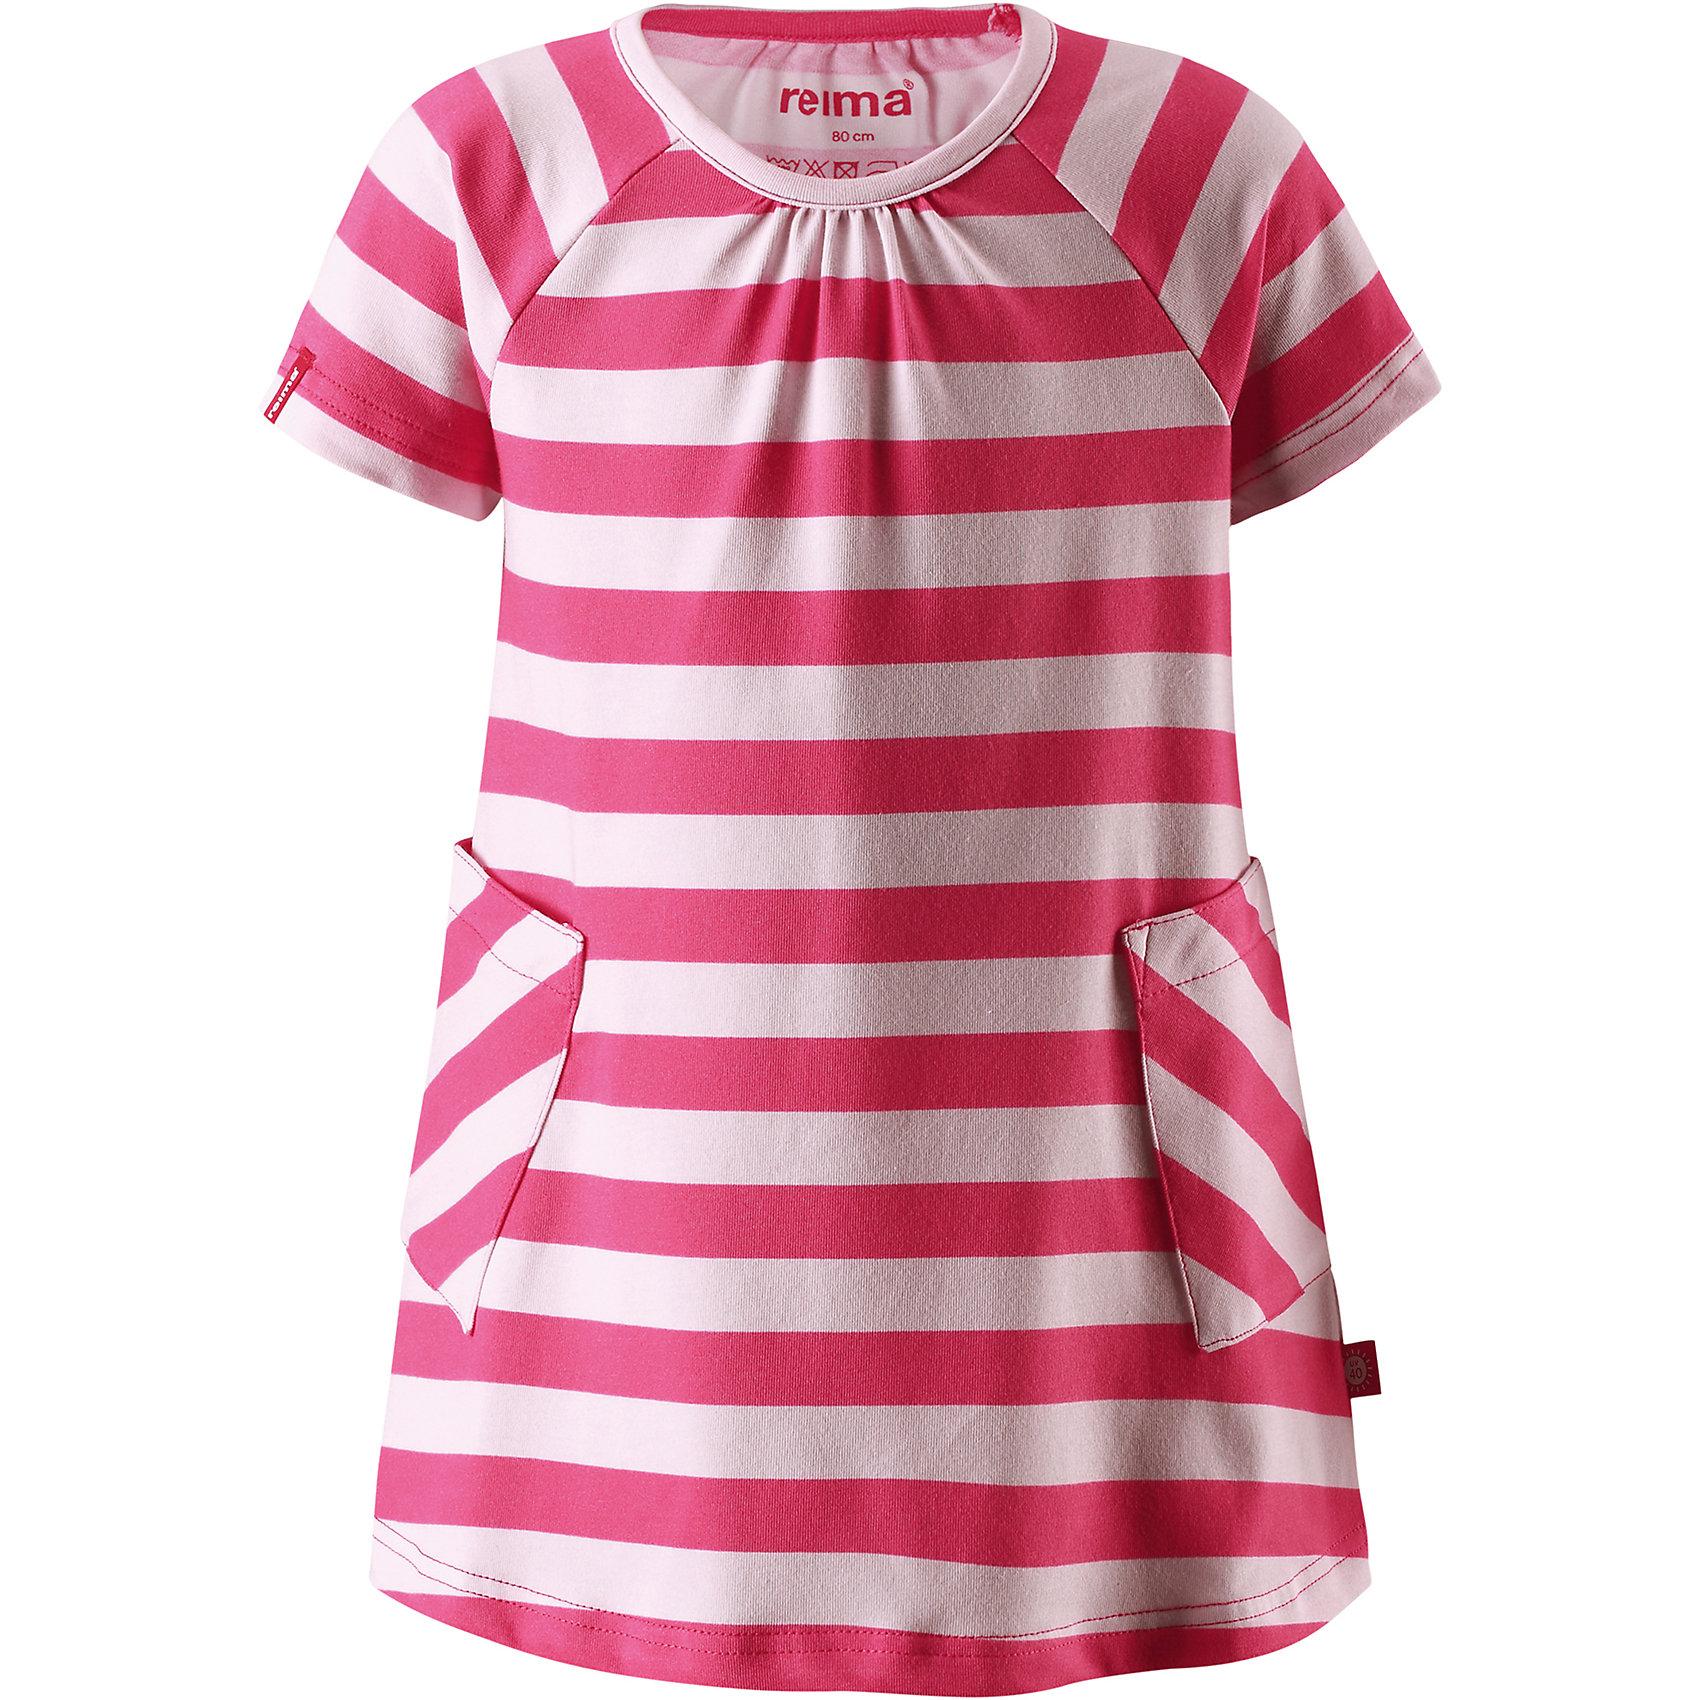 Платье Haili для девочки ReimaОдежда<br>Характеристики товара:<br><br>• цвет: красный<br>• состав: 65% хлопок, 30% полиэстер, 5% эластан<br>• фактор защиты от ультрафиолета 40+<br>• быстросохнущий, приятный на ощупь материал Play Jersey<br>• приятная на ощупь хлопковая поверхность<br>• влагоотводящая изнаночная сторона<br>• трапециевидный силуэт<br>• два накладных кармана<br>• страна бренда: Финляндия<br>• страна производства: Китай<br><br>Одежда может быть модной и комфортной одновременно! Удобное симпатичное платье поможет обеспечить ребенку комфорт - оно не стесняет движения и удобно сидит. Стильный дизайн разрабатывался специально для детей.<br><br>Уход:<br><br>• стирать и гладить, вывернув наизнанку<br>• стирать с бельем одинакового цвета<br>• стирать моющим средством, не содержащим отбеливающие вещества<br>• полоскать без специального средства<br>• придать первоначальную форму вo влажном виде.<br><br>Платье для девочки от финского бренда Reima (Рейма) можно купить в нашем интернет-магазине.<br><br>Ширина мм: 236<br>Глубина мм: 16<br>Высота мм: 184<br>Вес г: 177<br>Цвет: розовый<br>Возраст от месяцев: 36<br>Возраст до месяцев: 48<br>Пол: Женский<br>Возраст: Детский<br>Размер: 104,86,110,128,116,98,122,92,80<br>SKU: 5268190